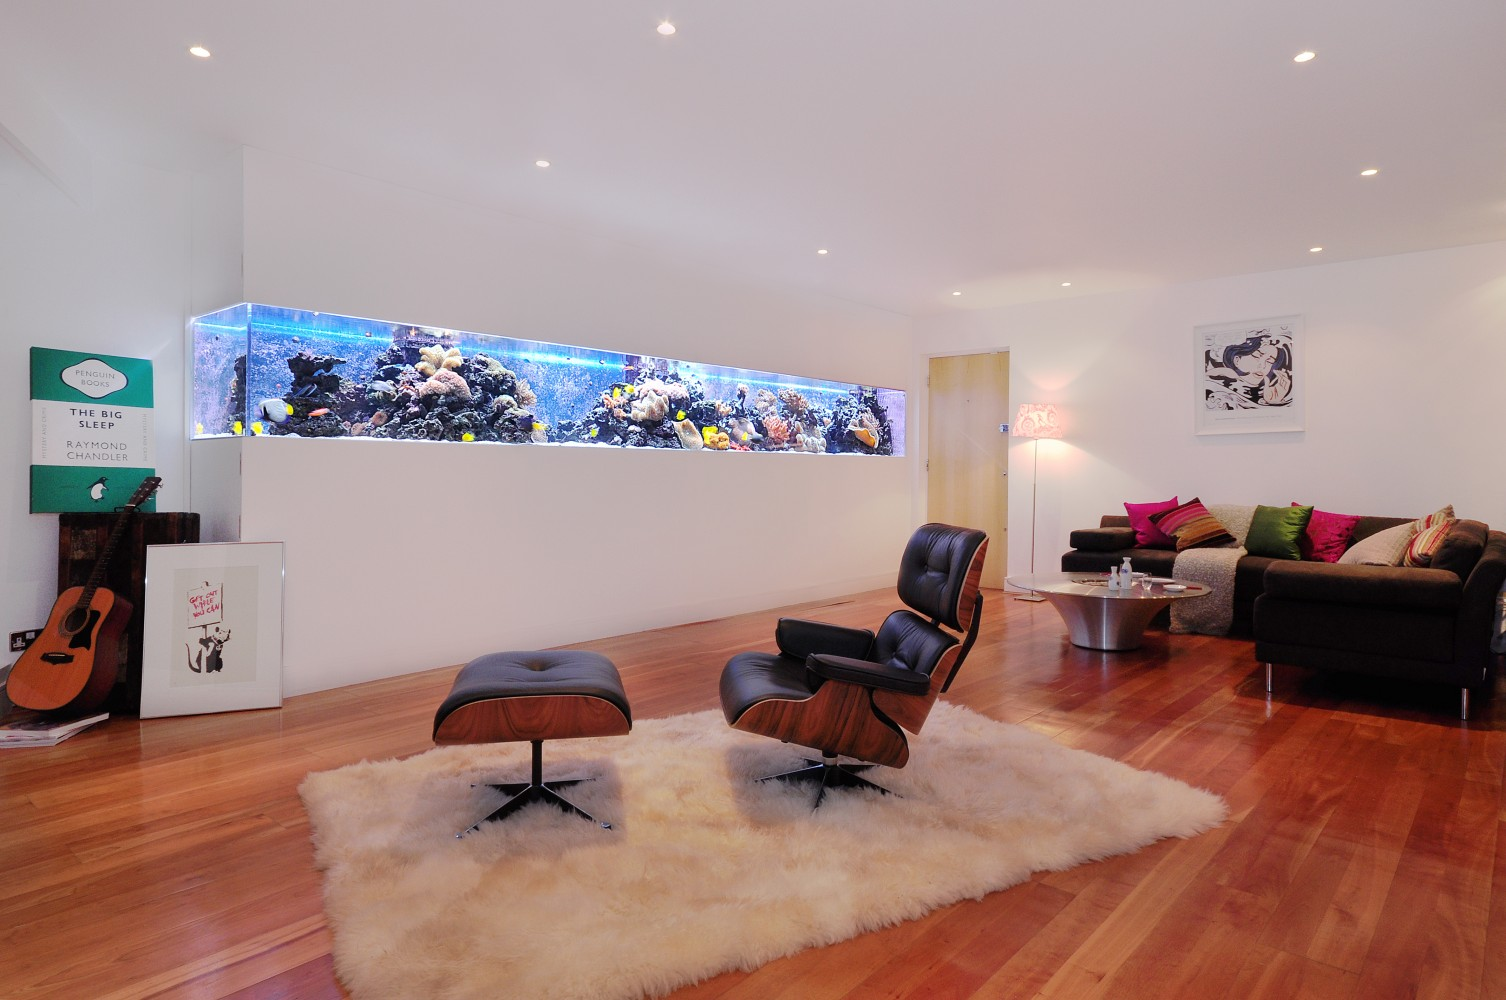 Аквариум в стене — домашняя экзотика (24 фото)